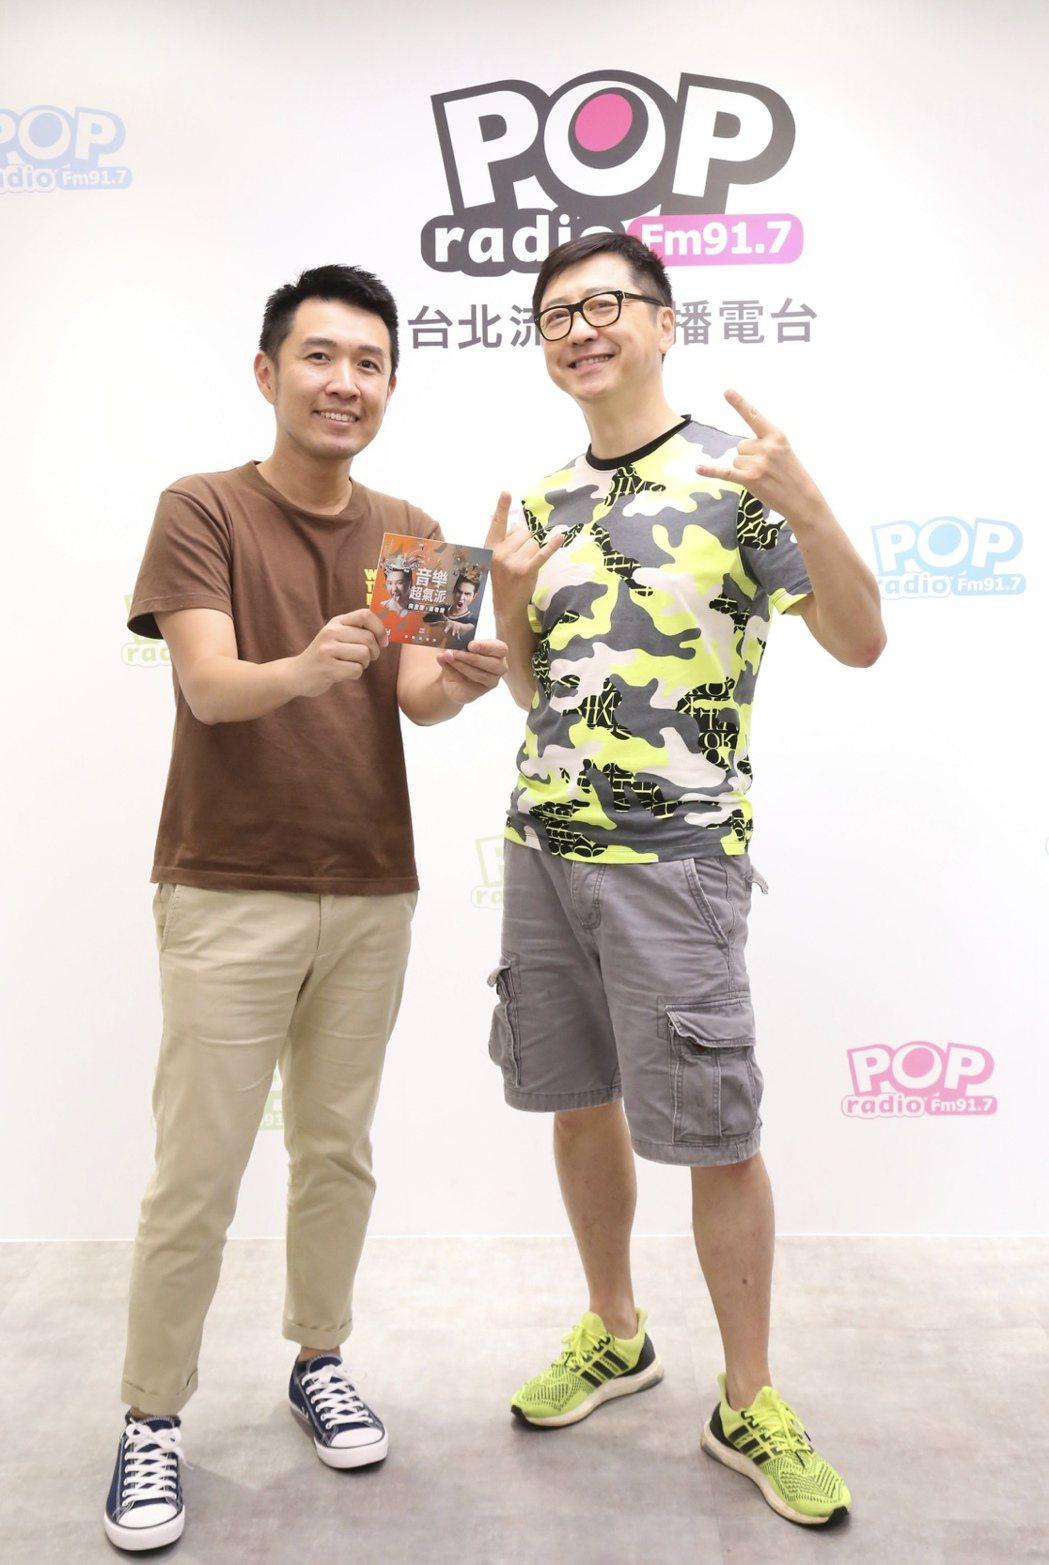 庾澄慶(右)與主持人俊菖分享對疫情影響的體悟。圖/POP Radio提供